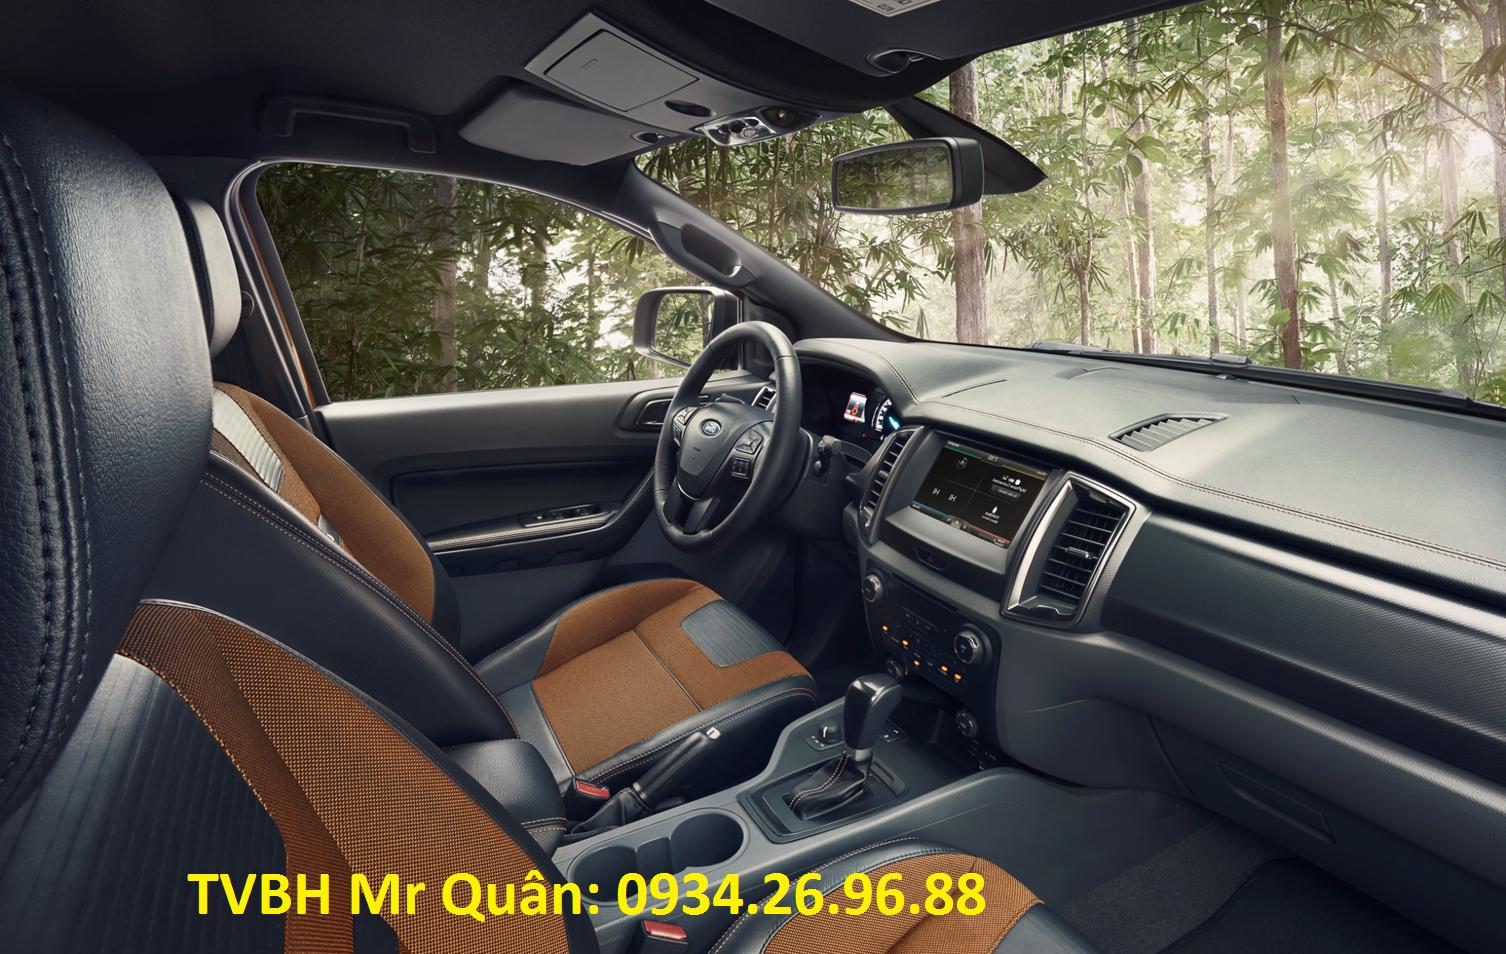 Ford Ranger 2017 giá tốt nhất Hà Nội, Ford Bán Tải, Ford Ranger, Ranger XLS, Ranger Wiltrak 3.2, Ranger XLT, Ranger XL . Ảnh số 37399963